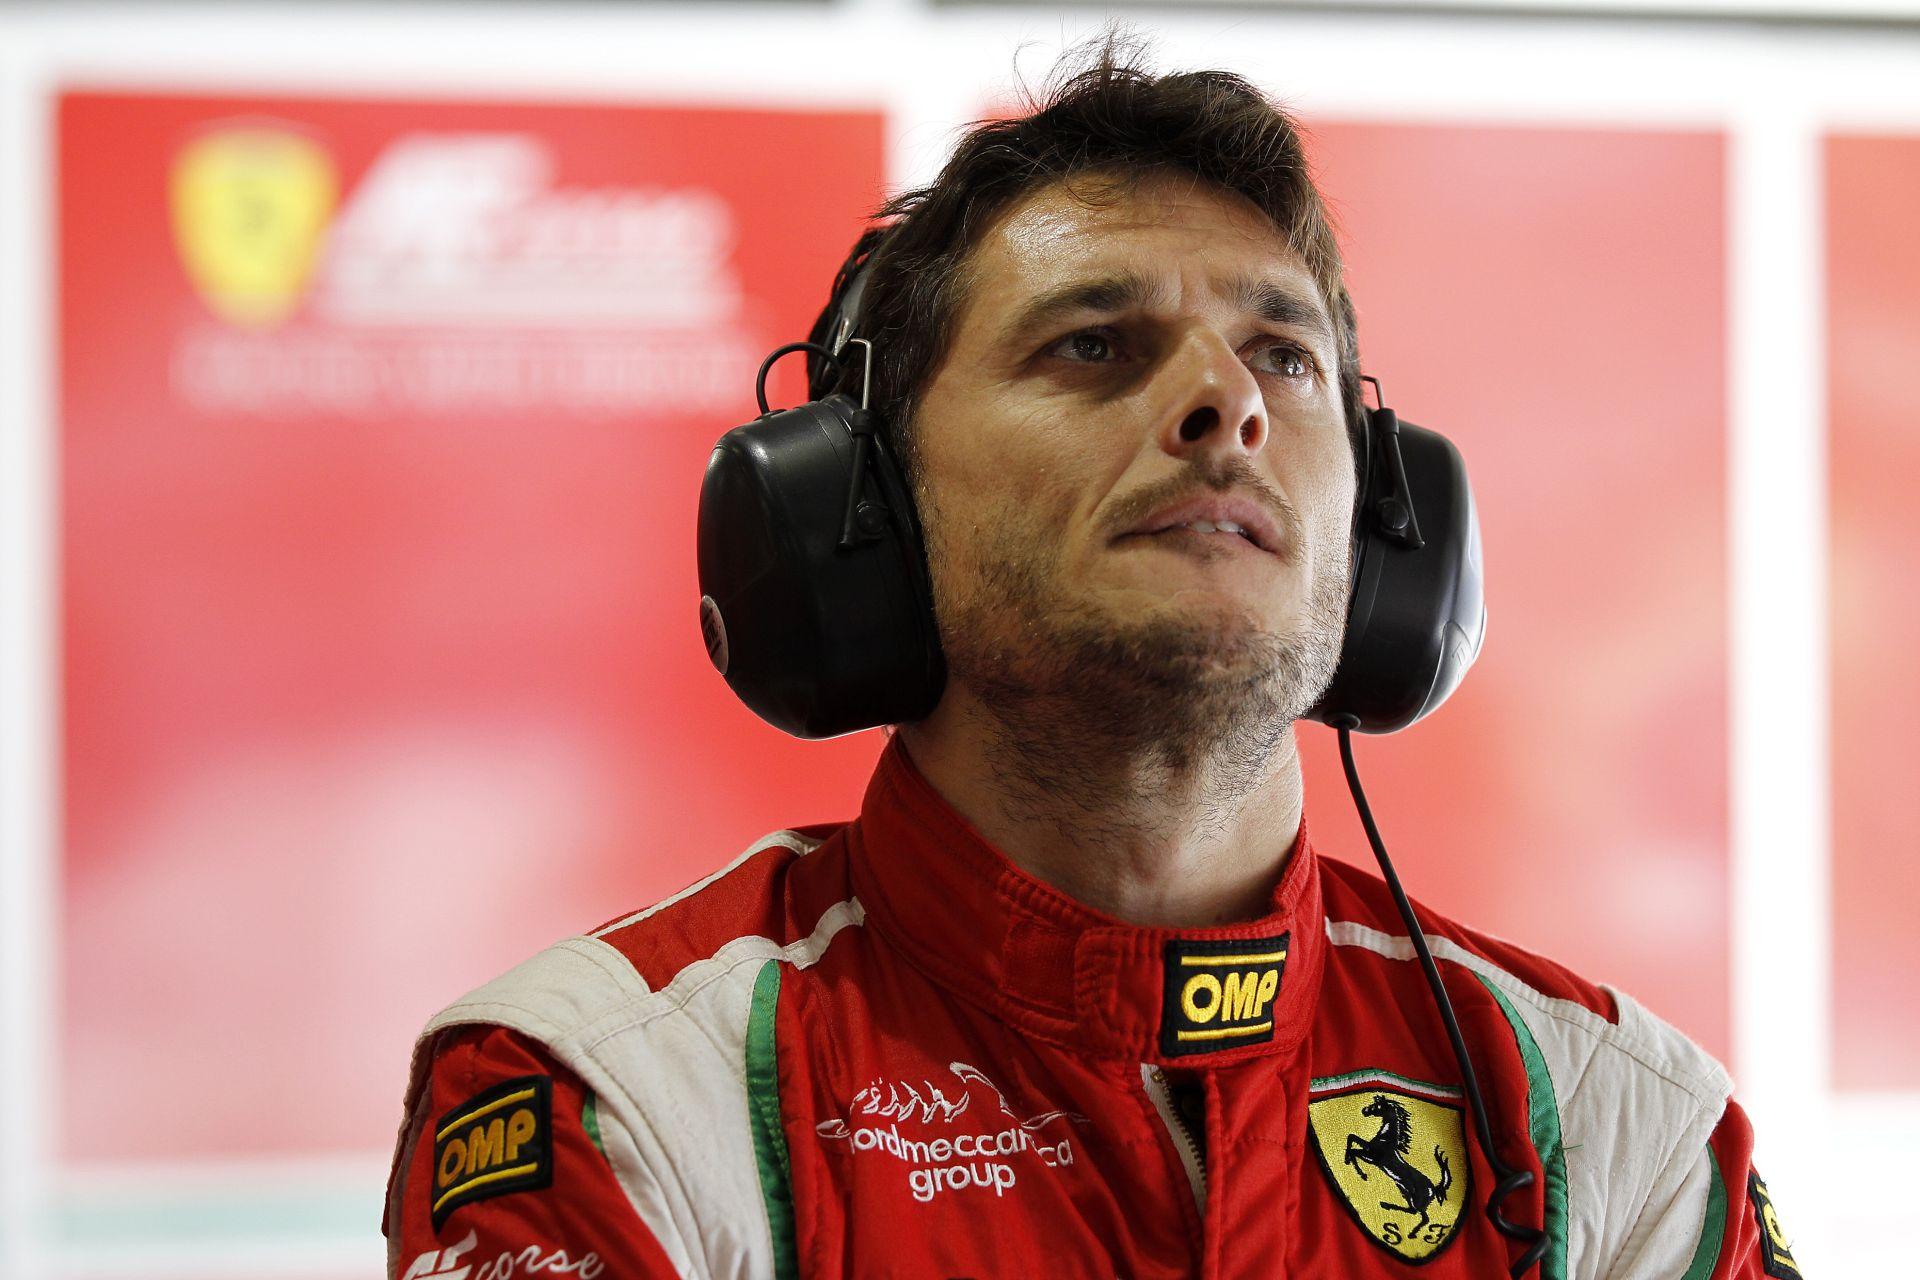 Jégre vitték az F1-es Ferrarit: parádés show a hóban